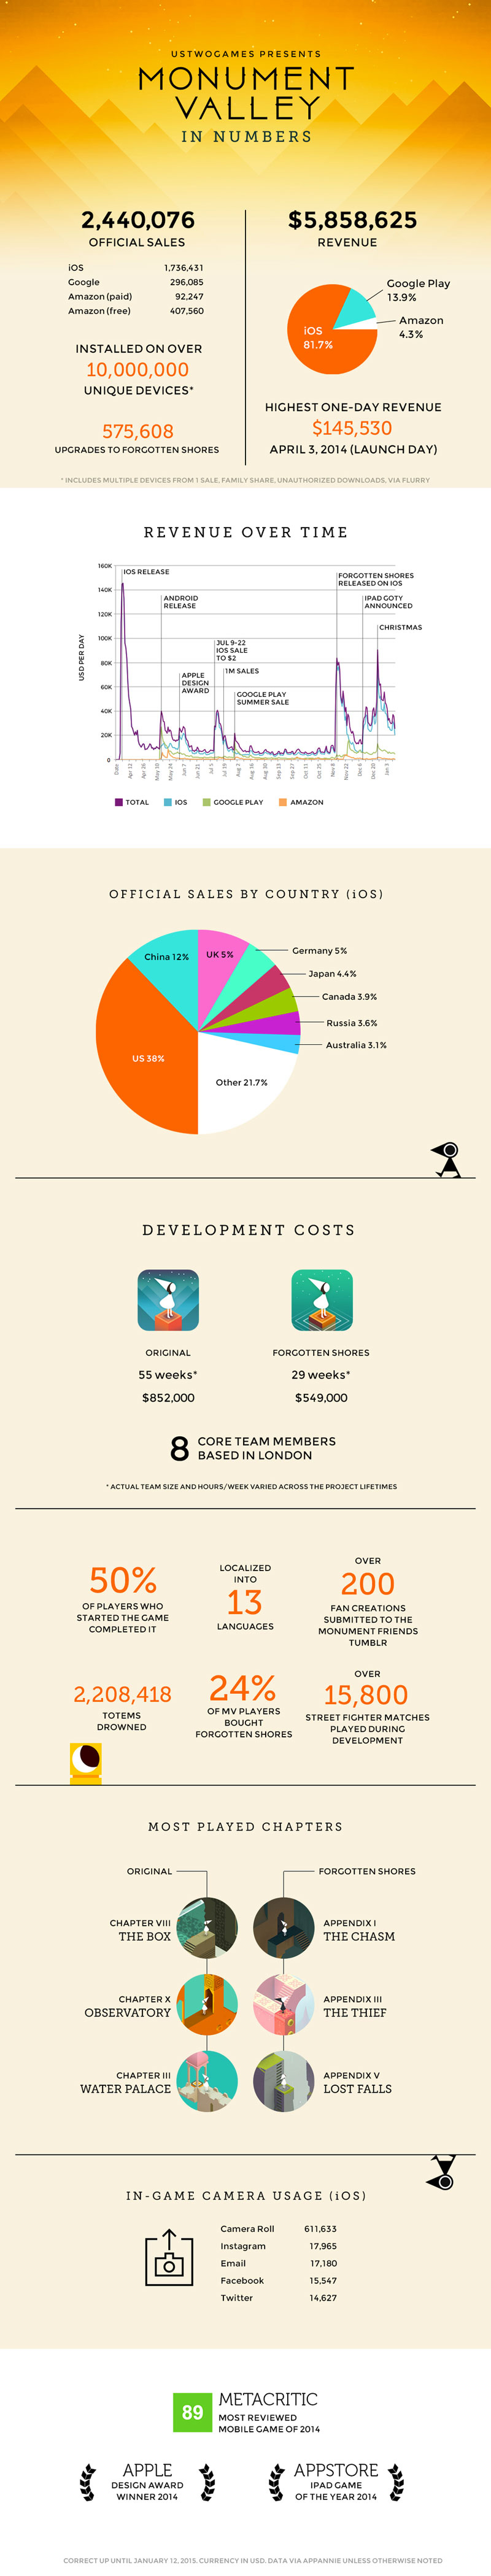 Monument Valley ingresa casi 6 millones de dólares en ventas